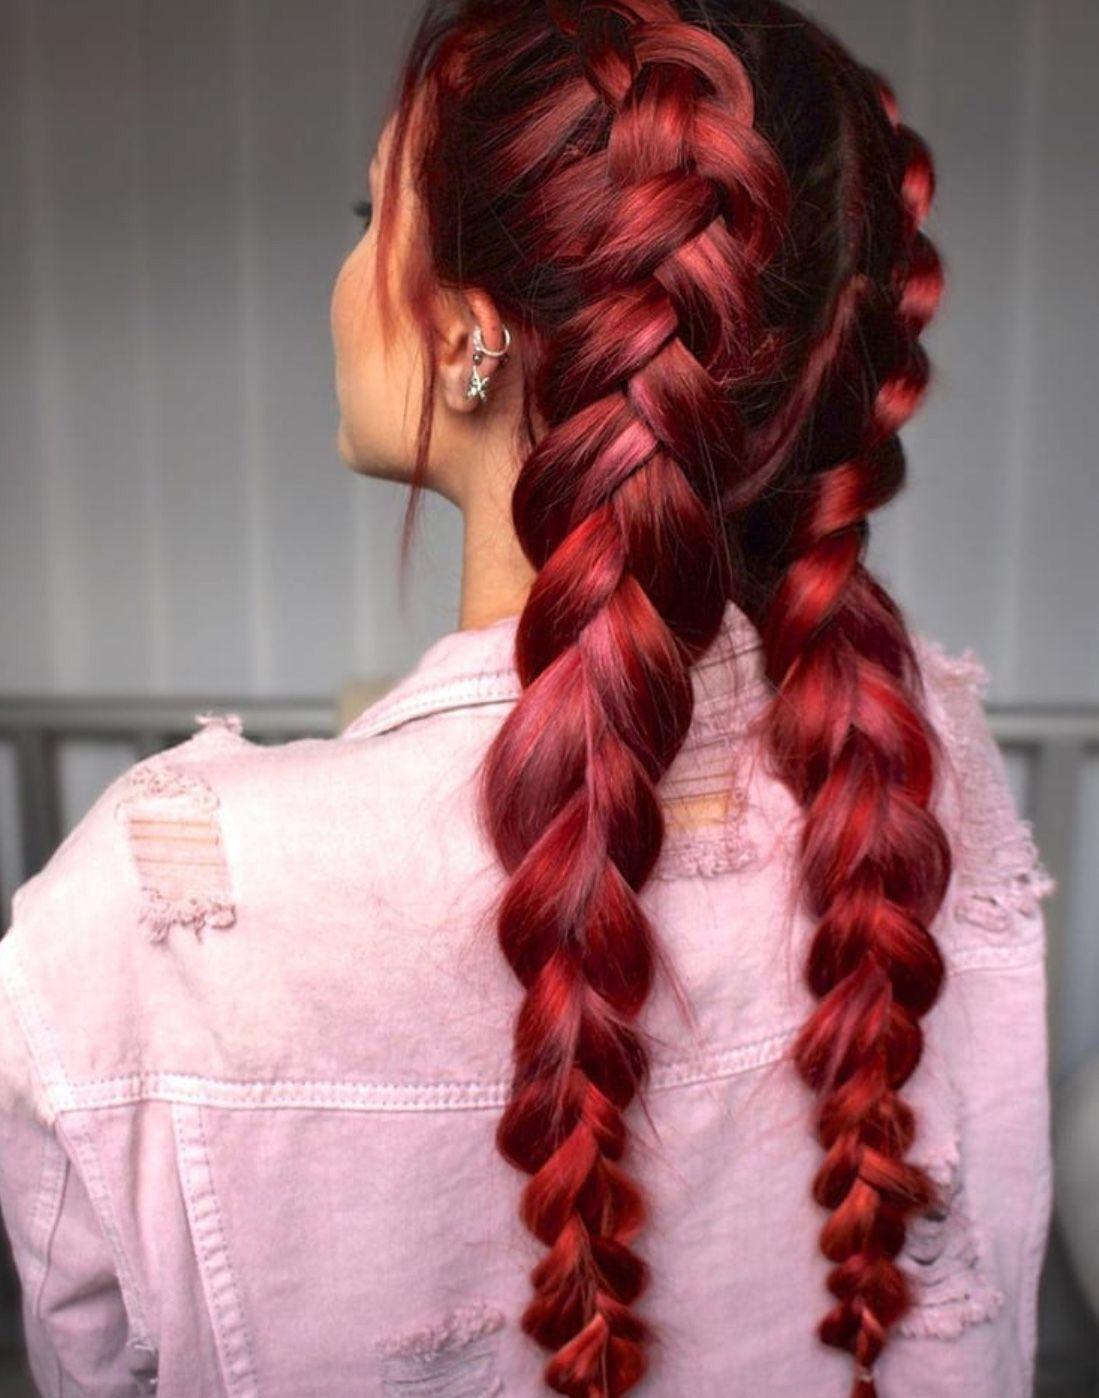 ᴘɪɴᴛᴇʀᴇsᴛ ᴊᴏᴜɪʀxʙɪᴛᴄʜ hairstyles in pinterest